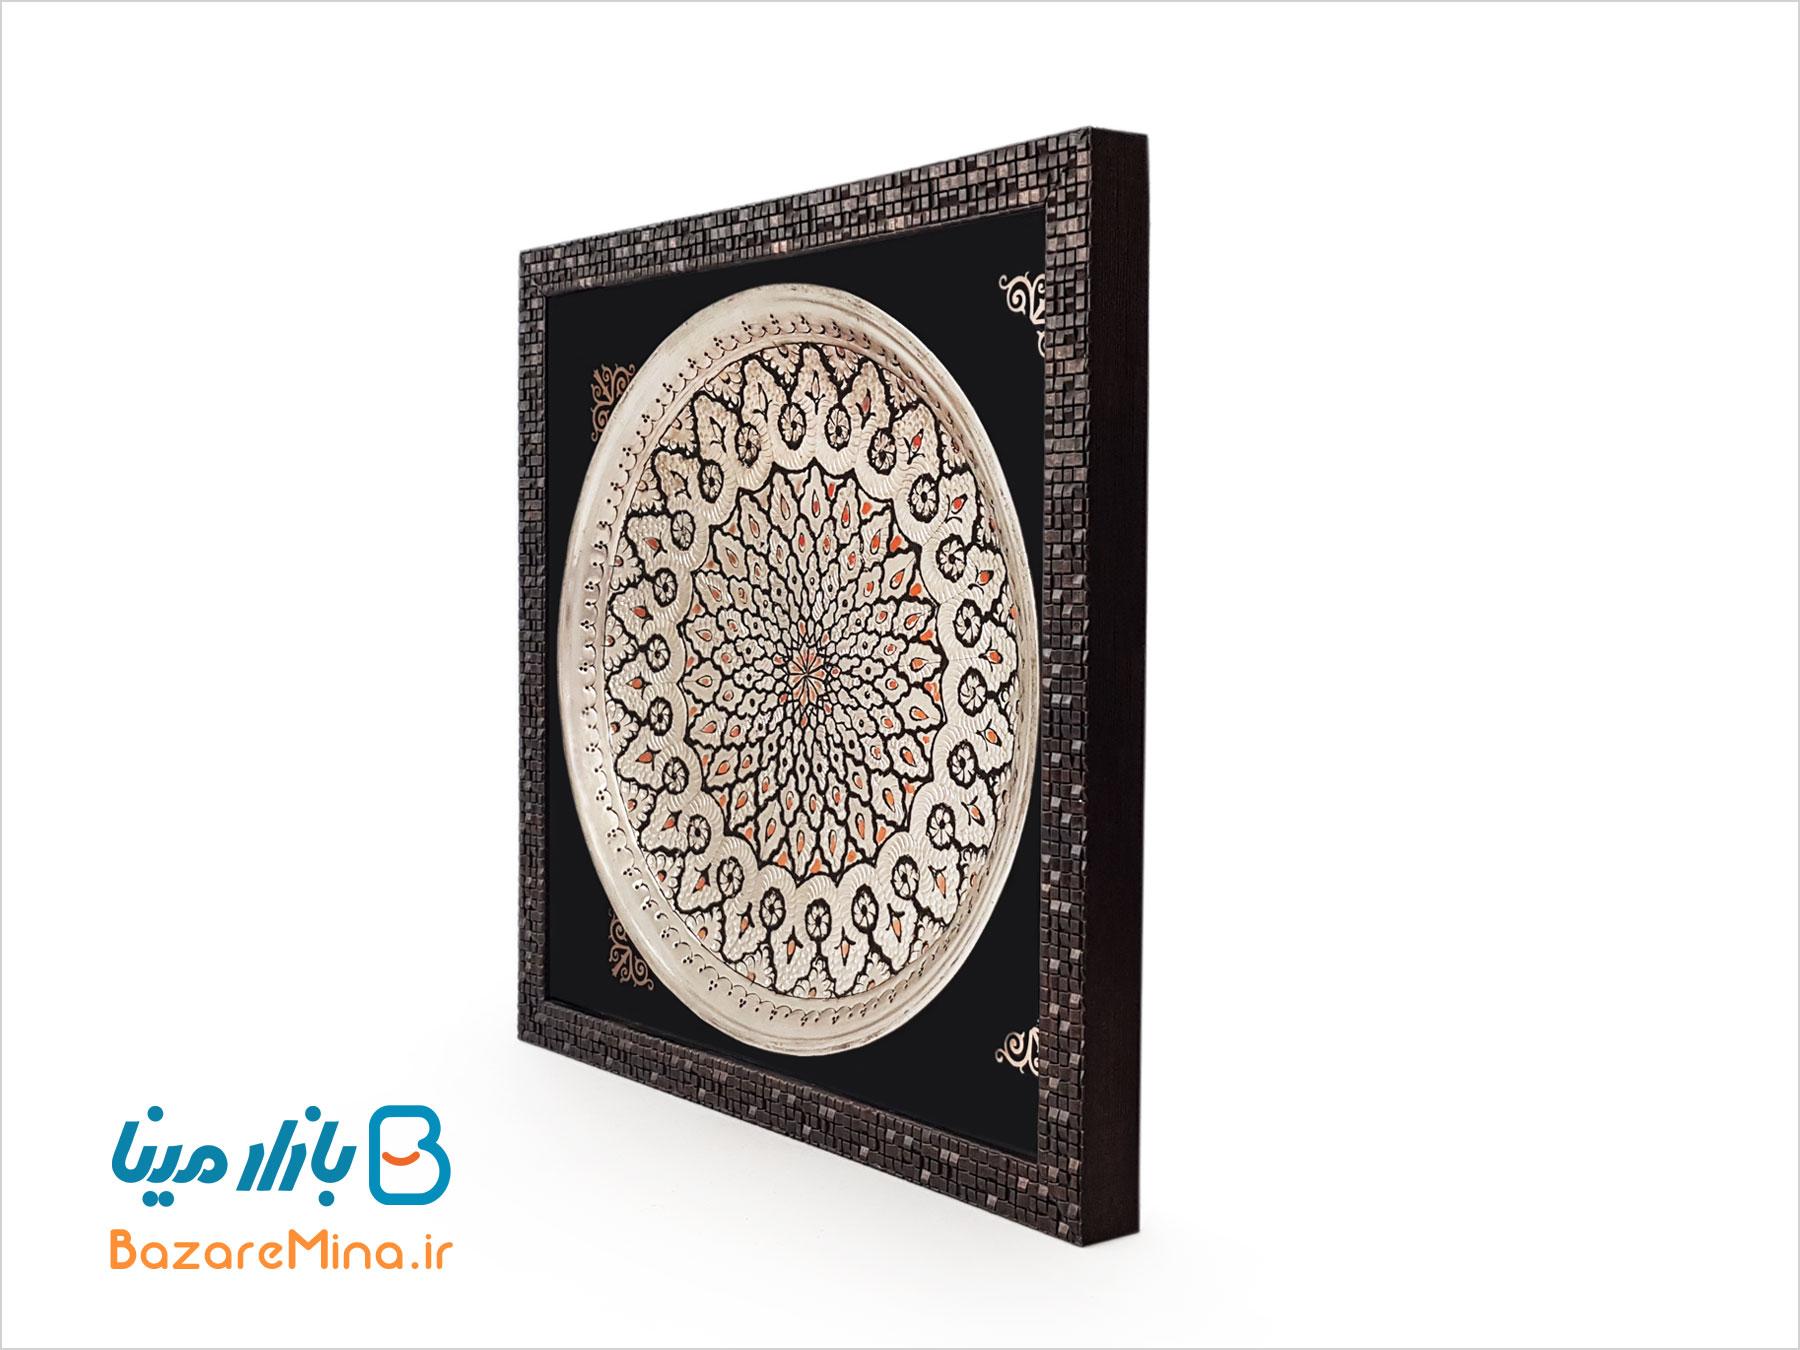 قاب بشقاب قلم زنی اصفهان قطر 30 سانت